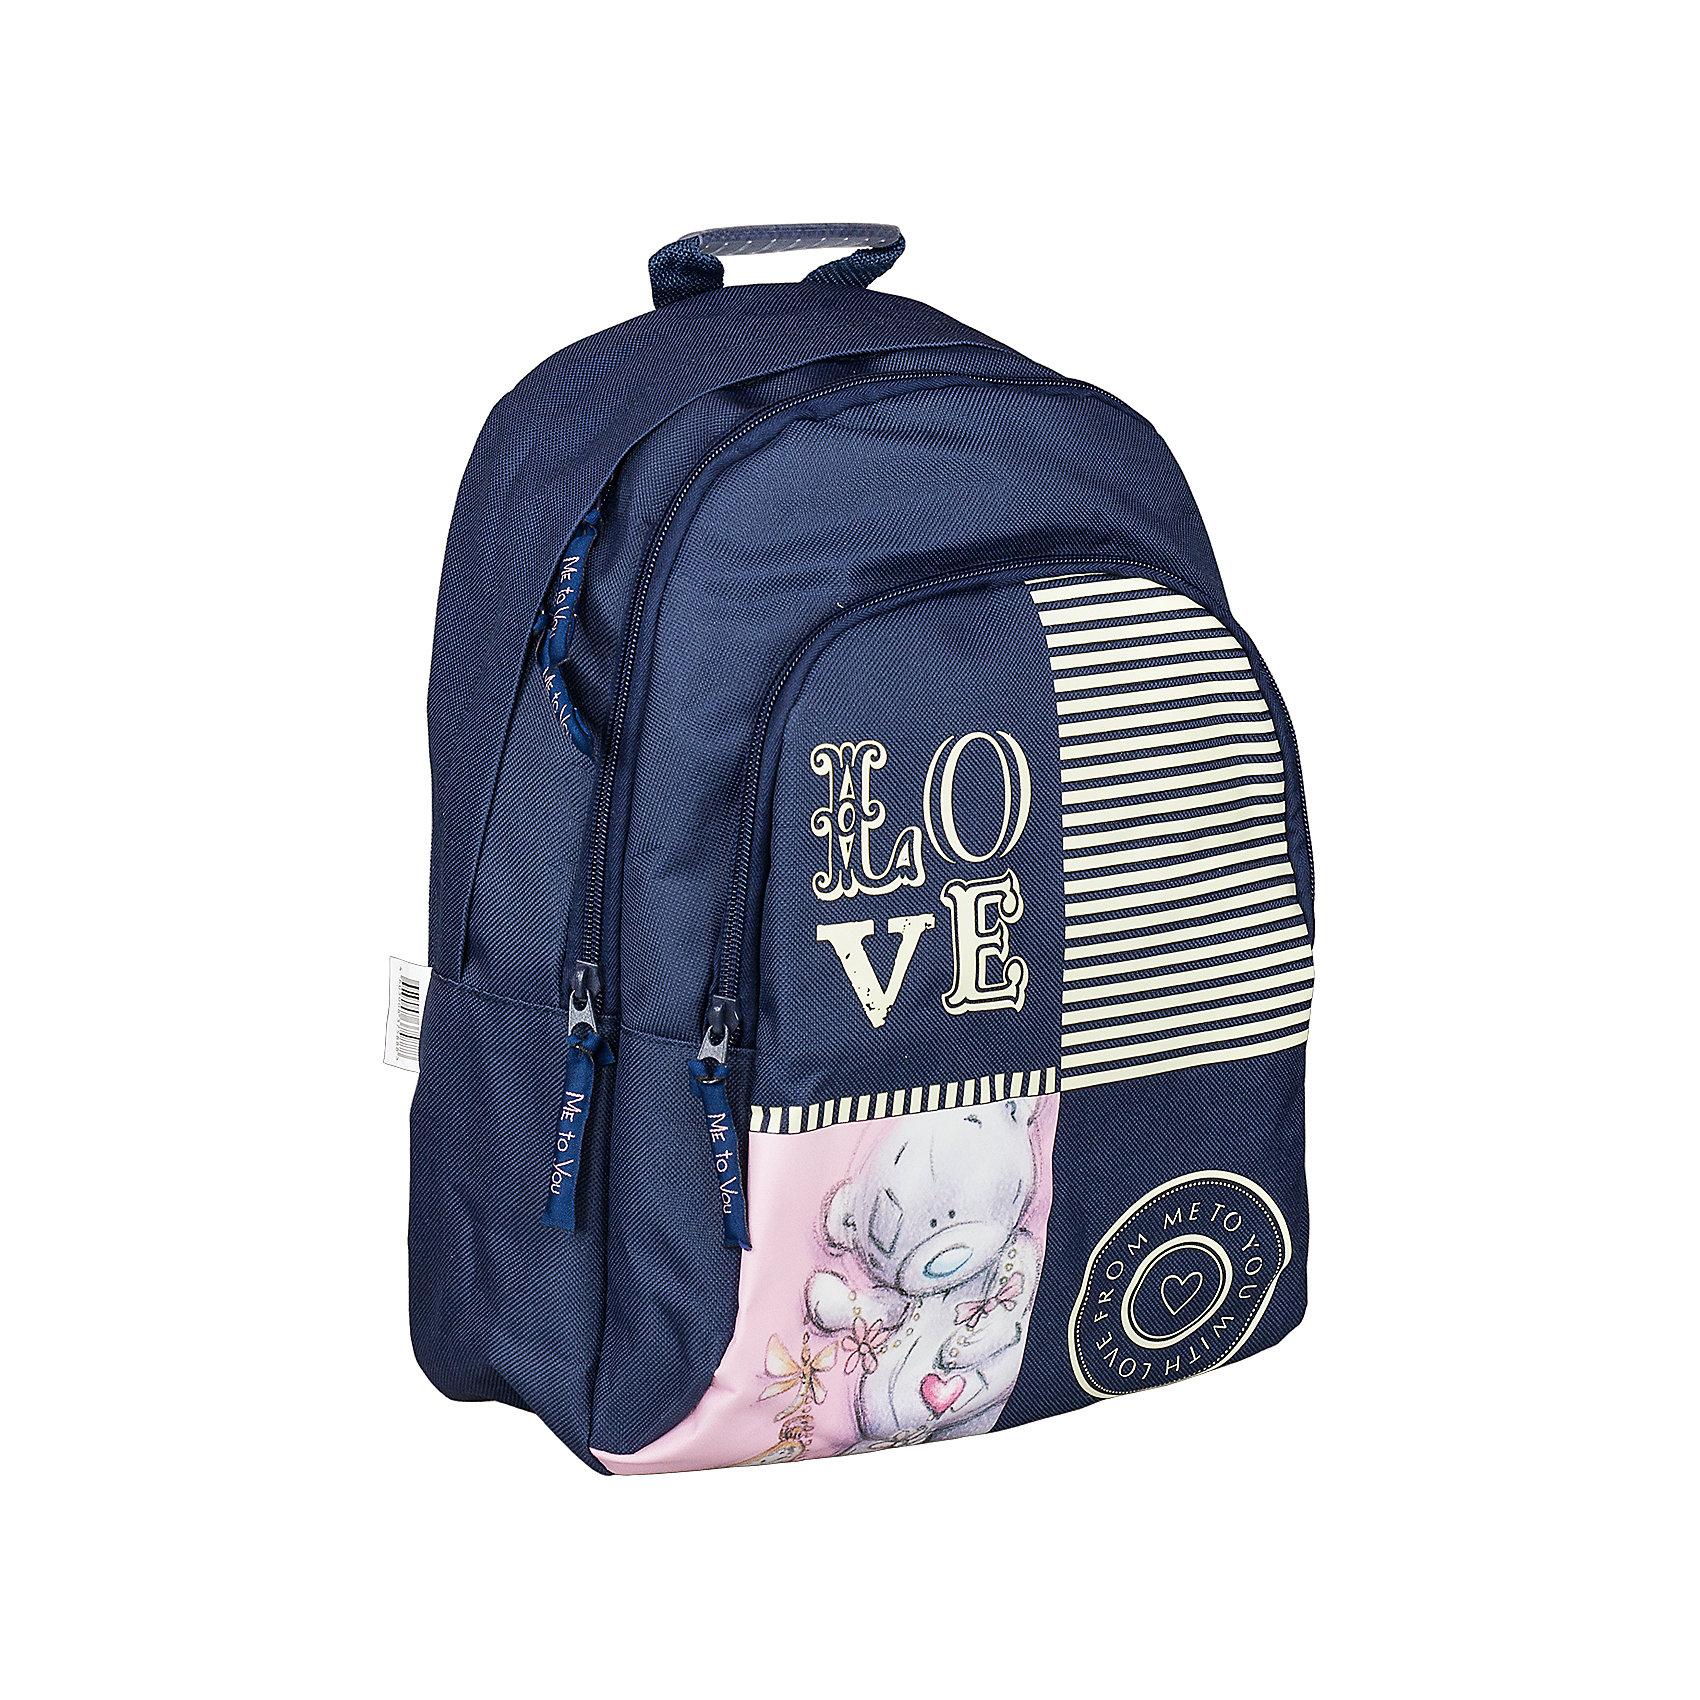 Школьный рюкзак, Me to YouMe to You<br>Мягкий рюкзак, Me to You, прекрасно подойдет как для школьных занятий, так и для поездок и путешествий. Он выполнен из прочного износоустойчивого материала и имеет привлекательный дизайн с темно-синей и розовой расцветкой и изображением симпатичного мишки. Благодаря уплотненной спинке с воздухообменным сетчатым материалом позвоночник ребенка не будет испытывать больших нагрузок во время эксплуатации рюкзака. Широкие лямки S-образной формы регулируются по длине и равномерно распределяют нагрузку на плечевой пояс. Также есть удобная текстильная ручка, за которую можно нести рюкзак. Рюкзак закрывается на застежку-молнию, внутри два больших отделения. На лицевой стороне расположен большой накладной карман на молнии. <br><br>Дополнительная информация:<br><br>- Материал: полиэстер, текстиль. <br>- Размер рюкзака: 26 х 11 х 35 см.<br>- Вес: 0,475 кг.<br><br>Мягкий рюкзак 26*11*35 см., Me to You, можно купить в нашем интернет-магазине.<br><br>Ширина мм: 350<br>Глубина мм: 260<br>Высота мм: 110<br>Вес г: 475<br>Возраст от месяцев: 72<br>Возраст до месяцев: 144<br>Пол: Женский<br>Возраст: Детский<br>SKU: 4489570